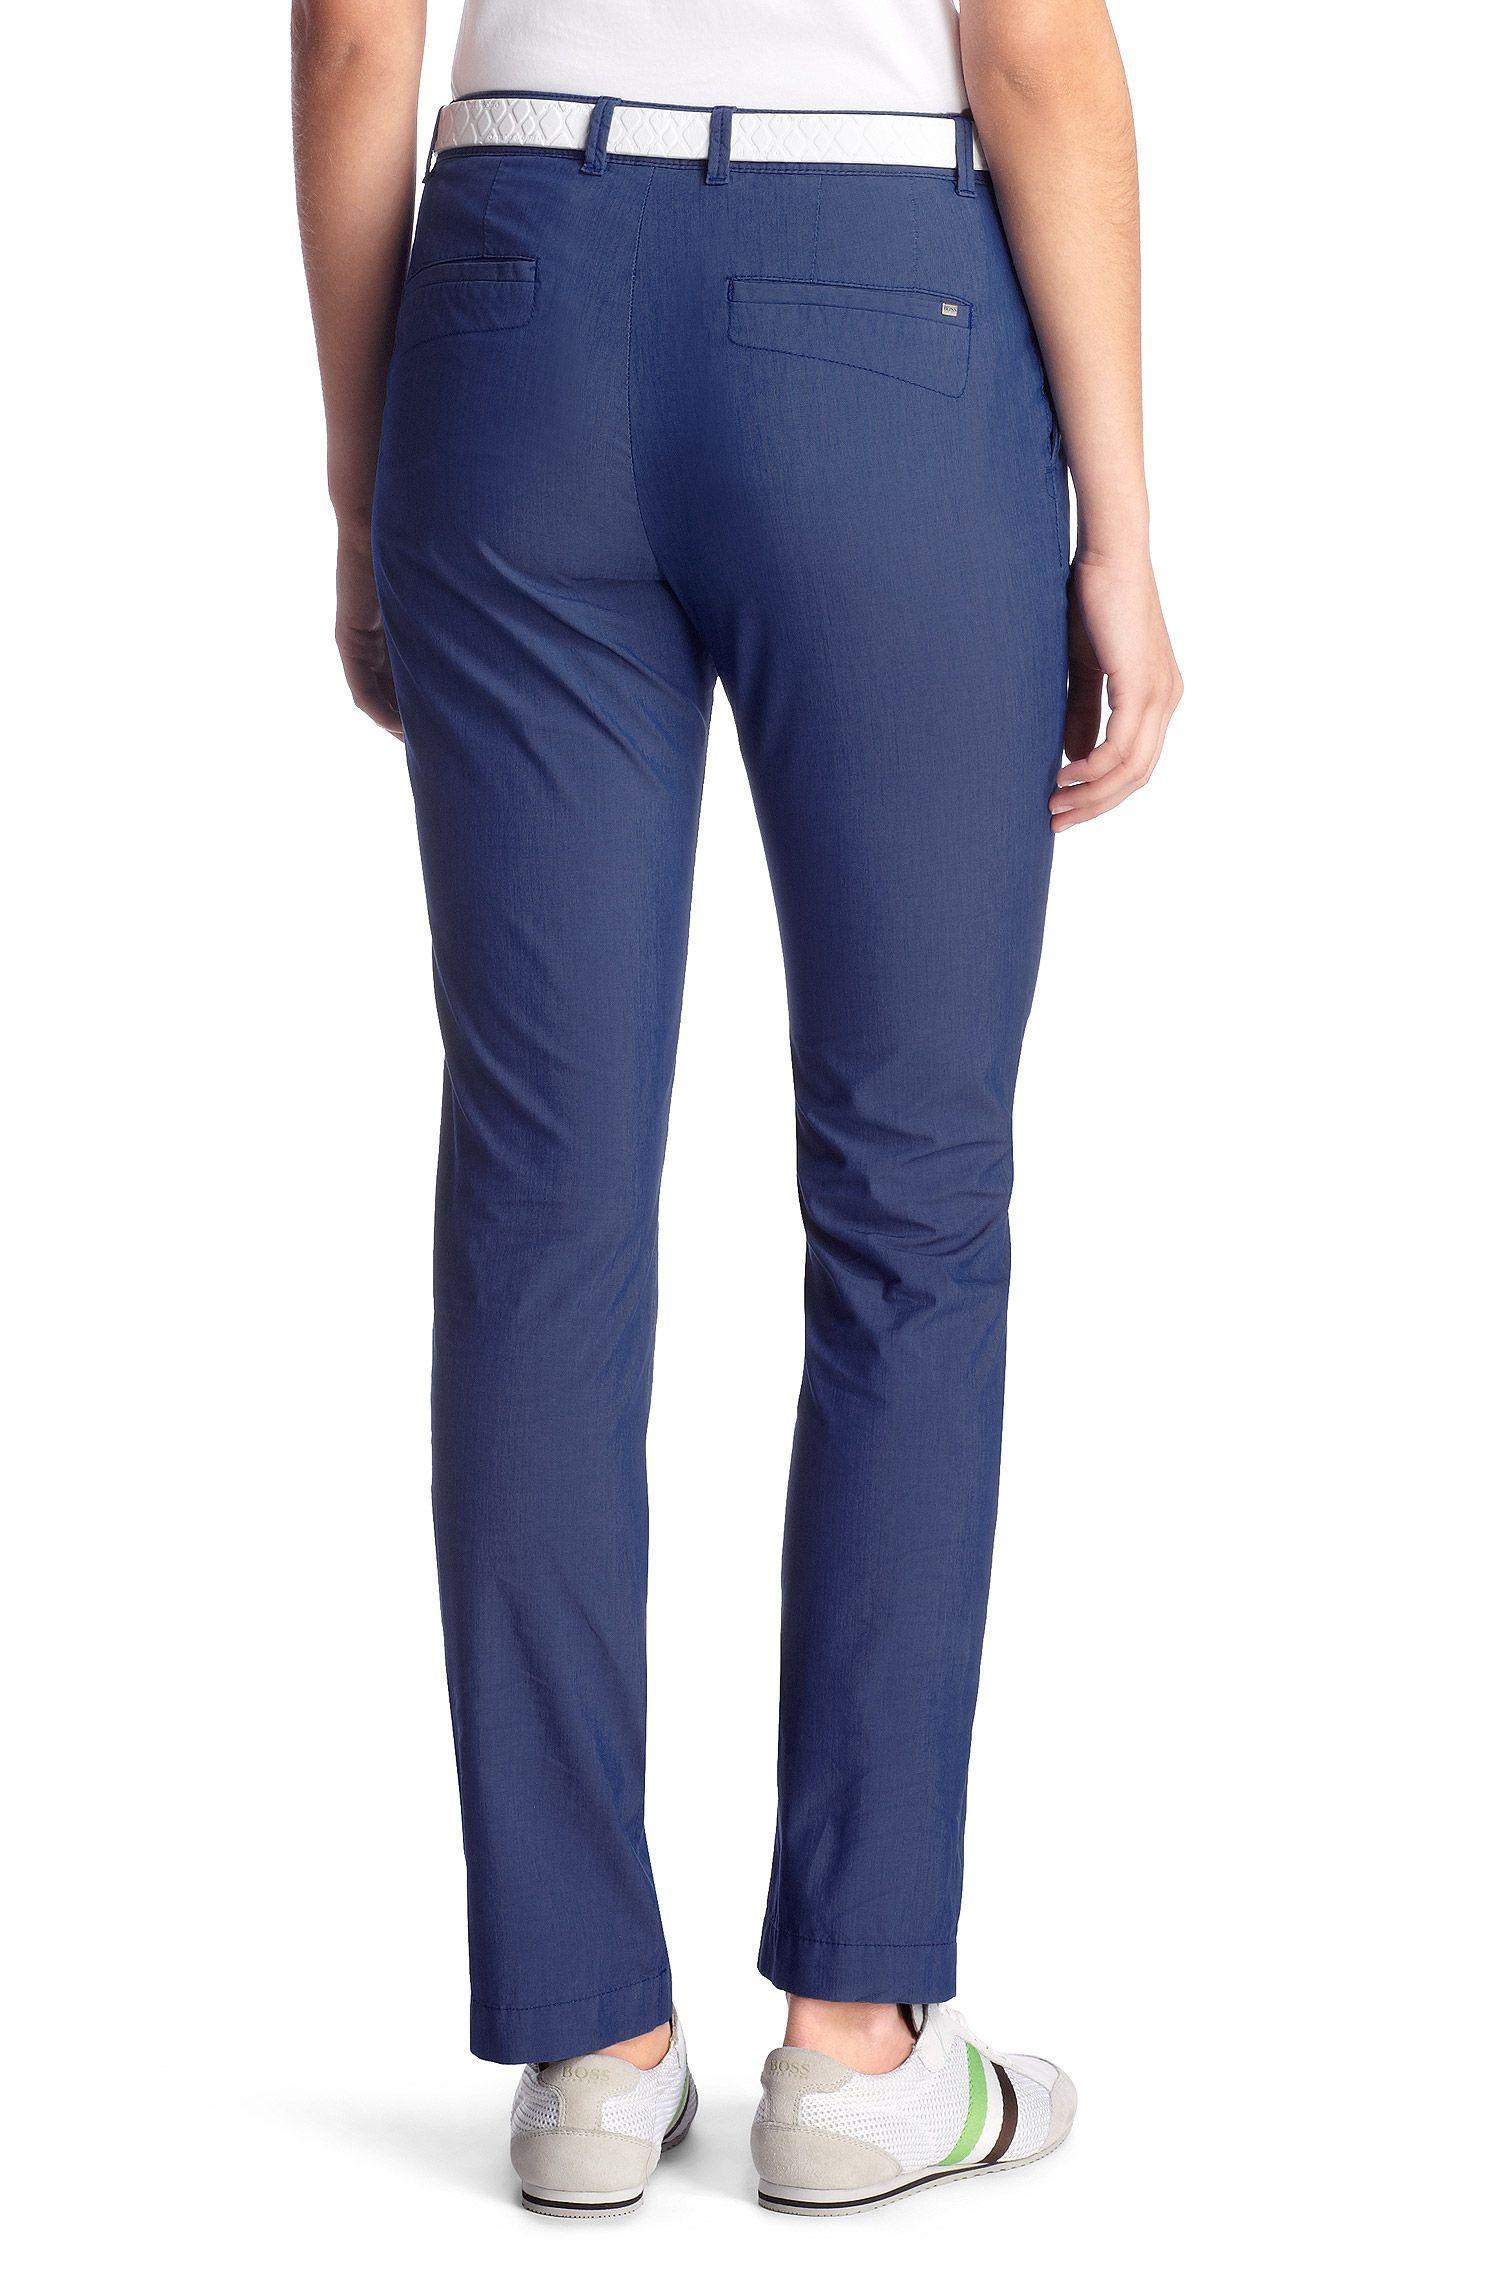 Pantalon détente teneur en coton, Heliah 3-D